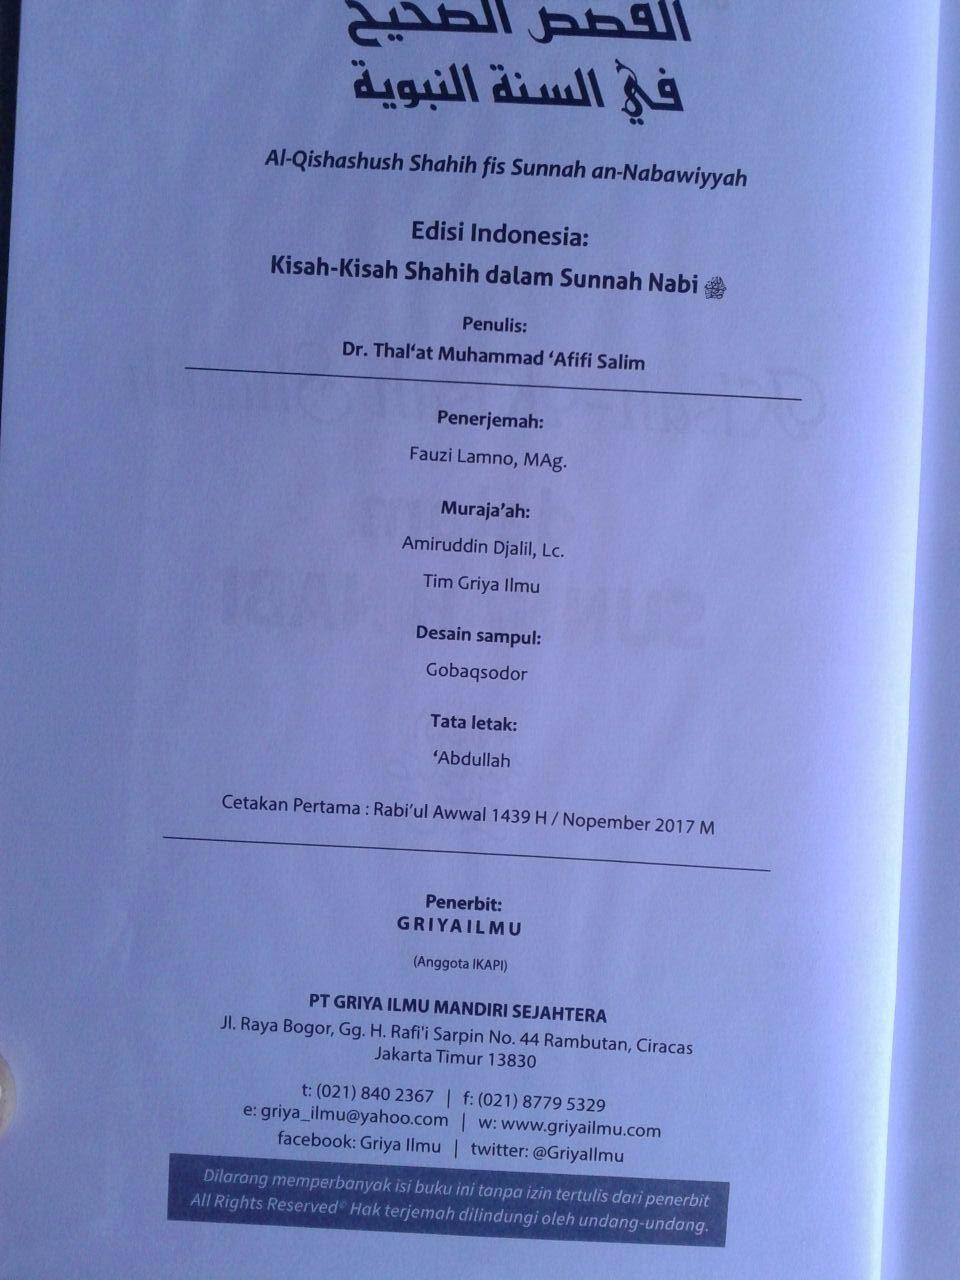 Buku Kisah-Kisah Shahih Dalam Sunnah Nabi isi